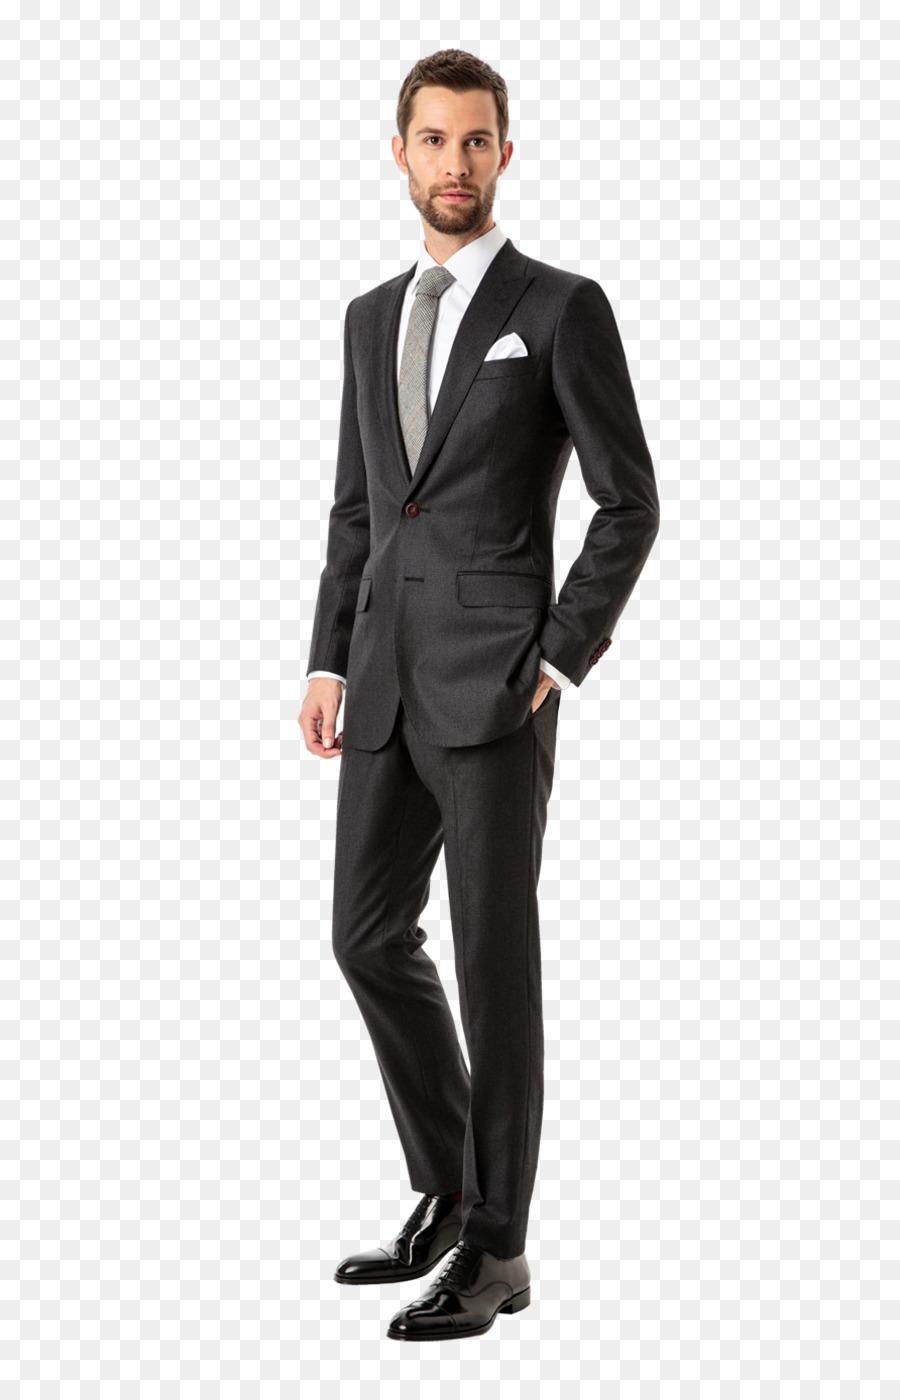 groom png clipart Suit Pants